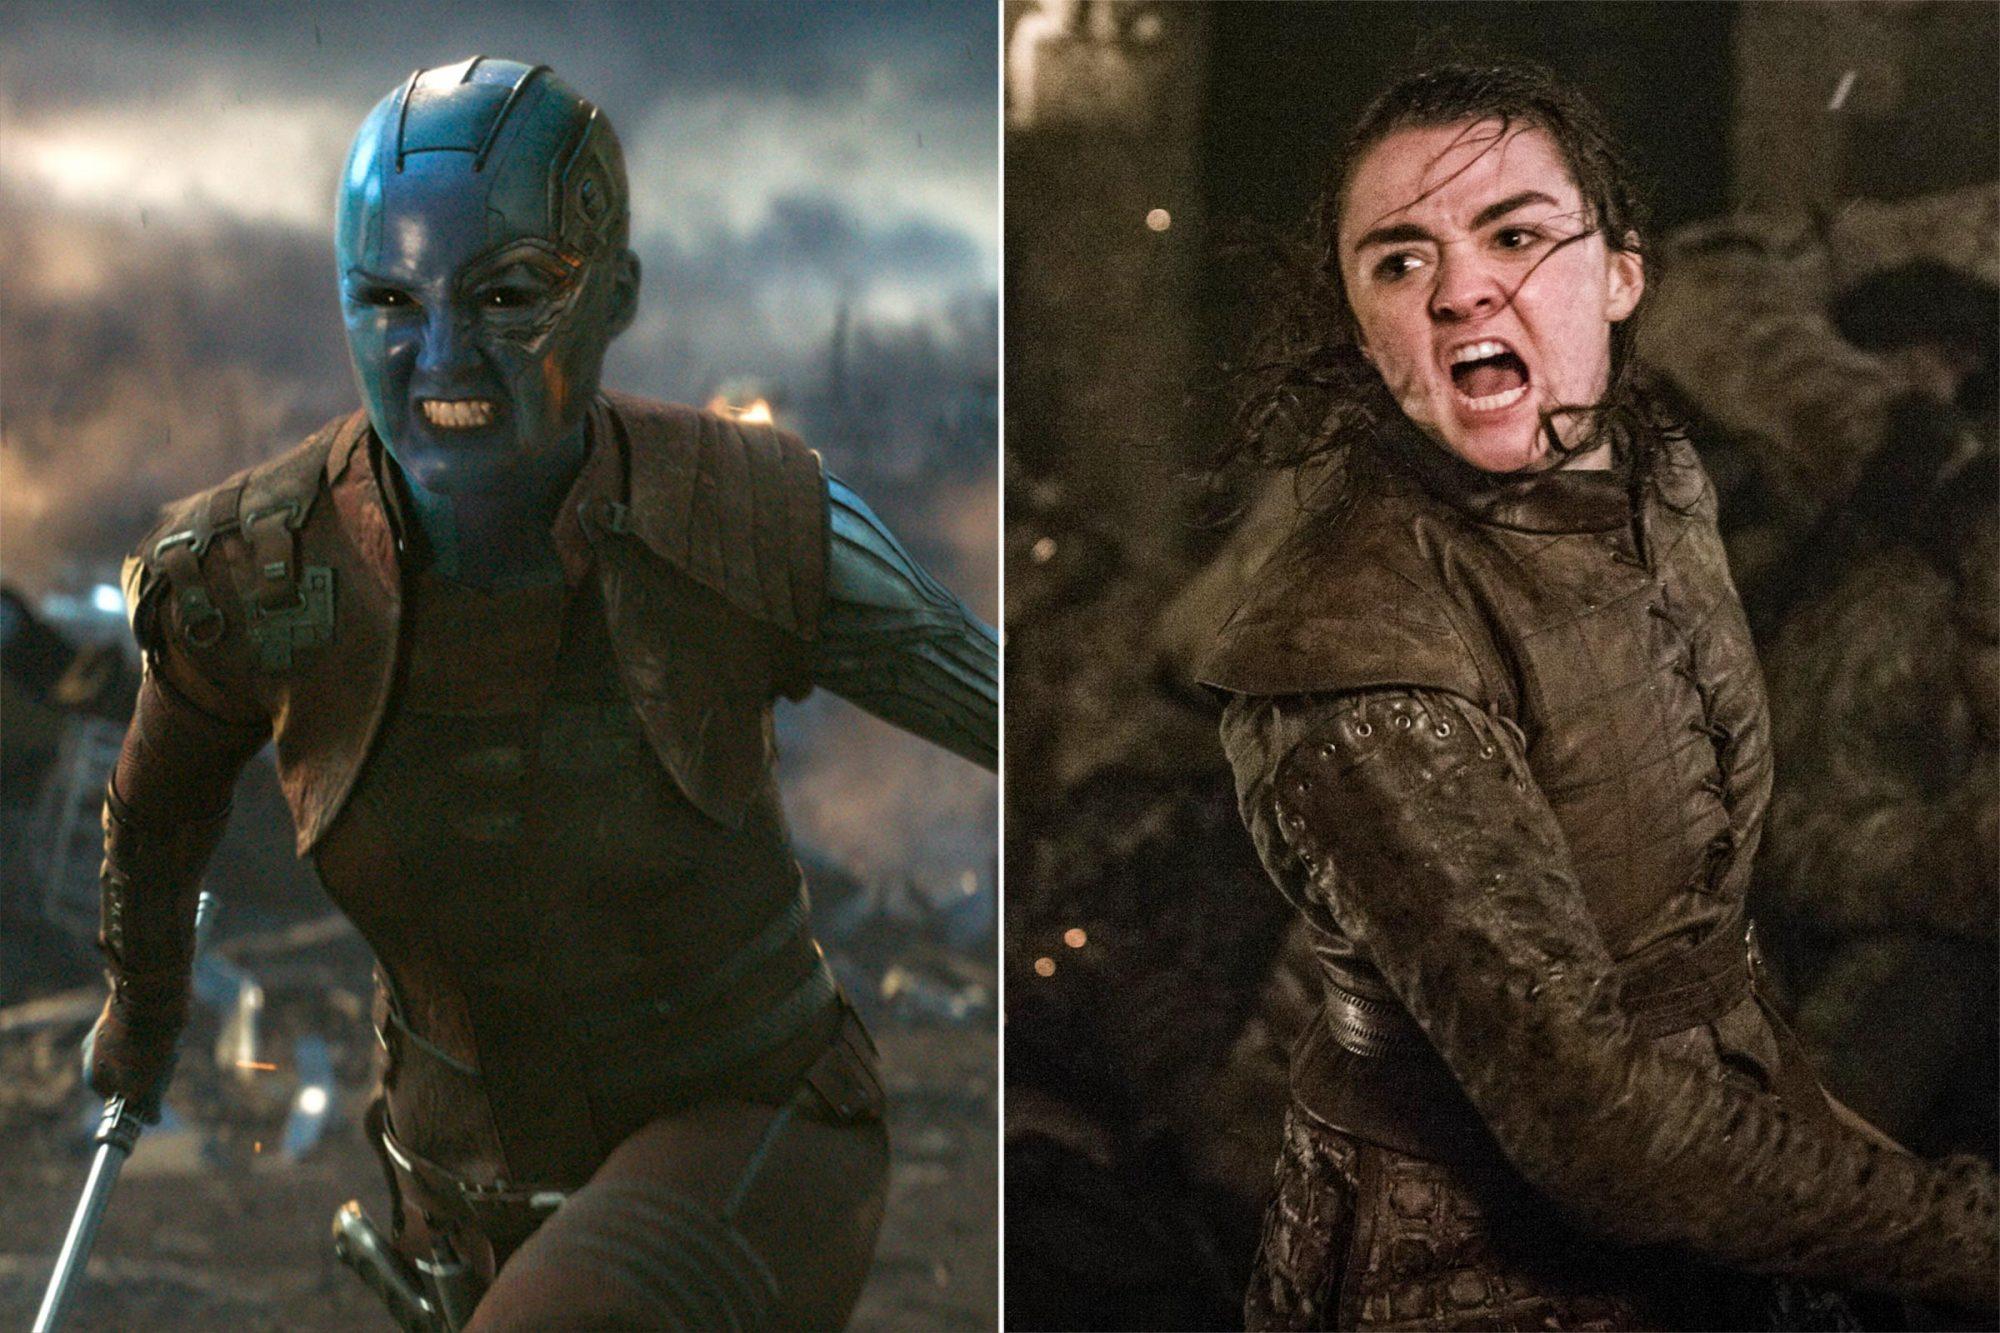 Avengers: Endgame / Game of Thrones